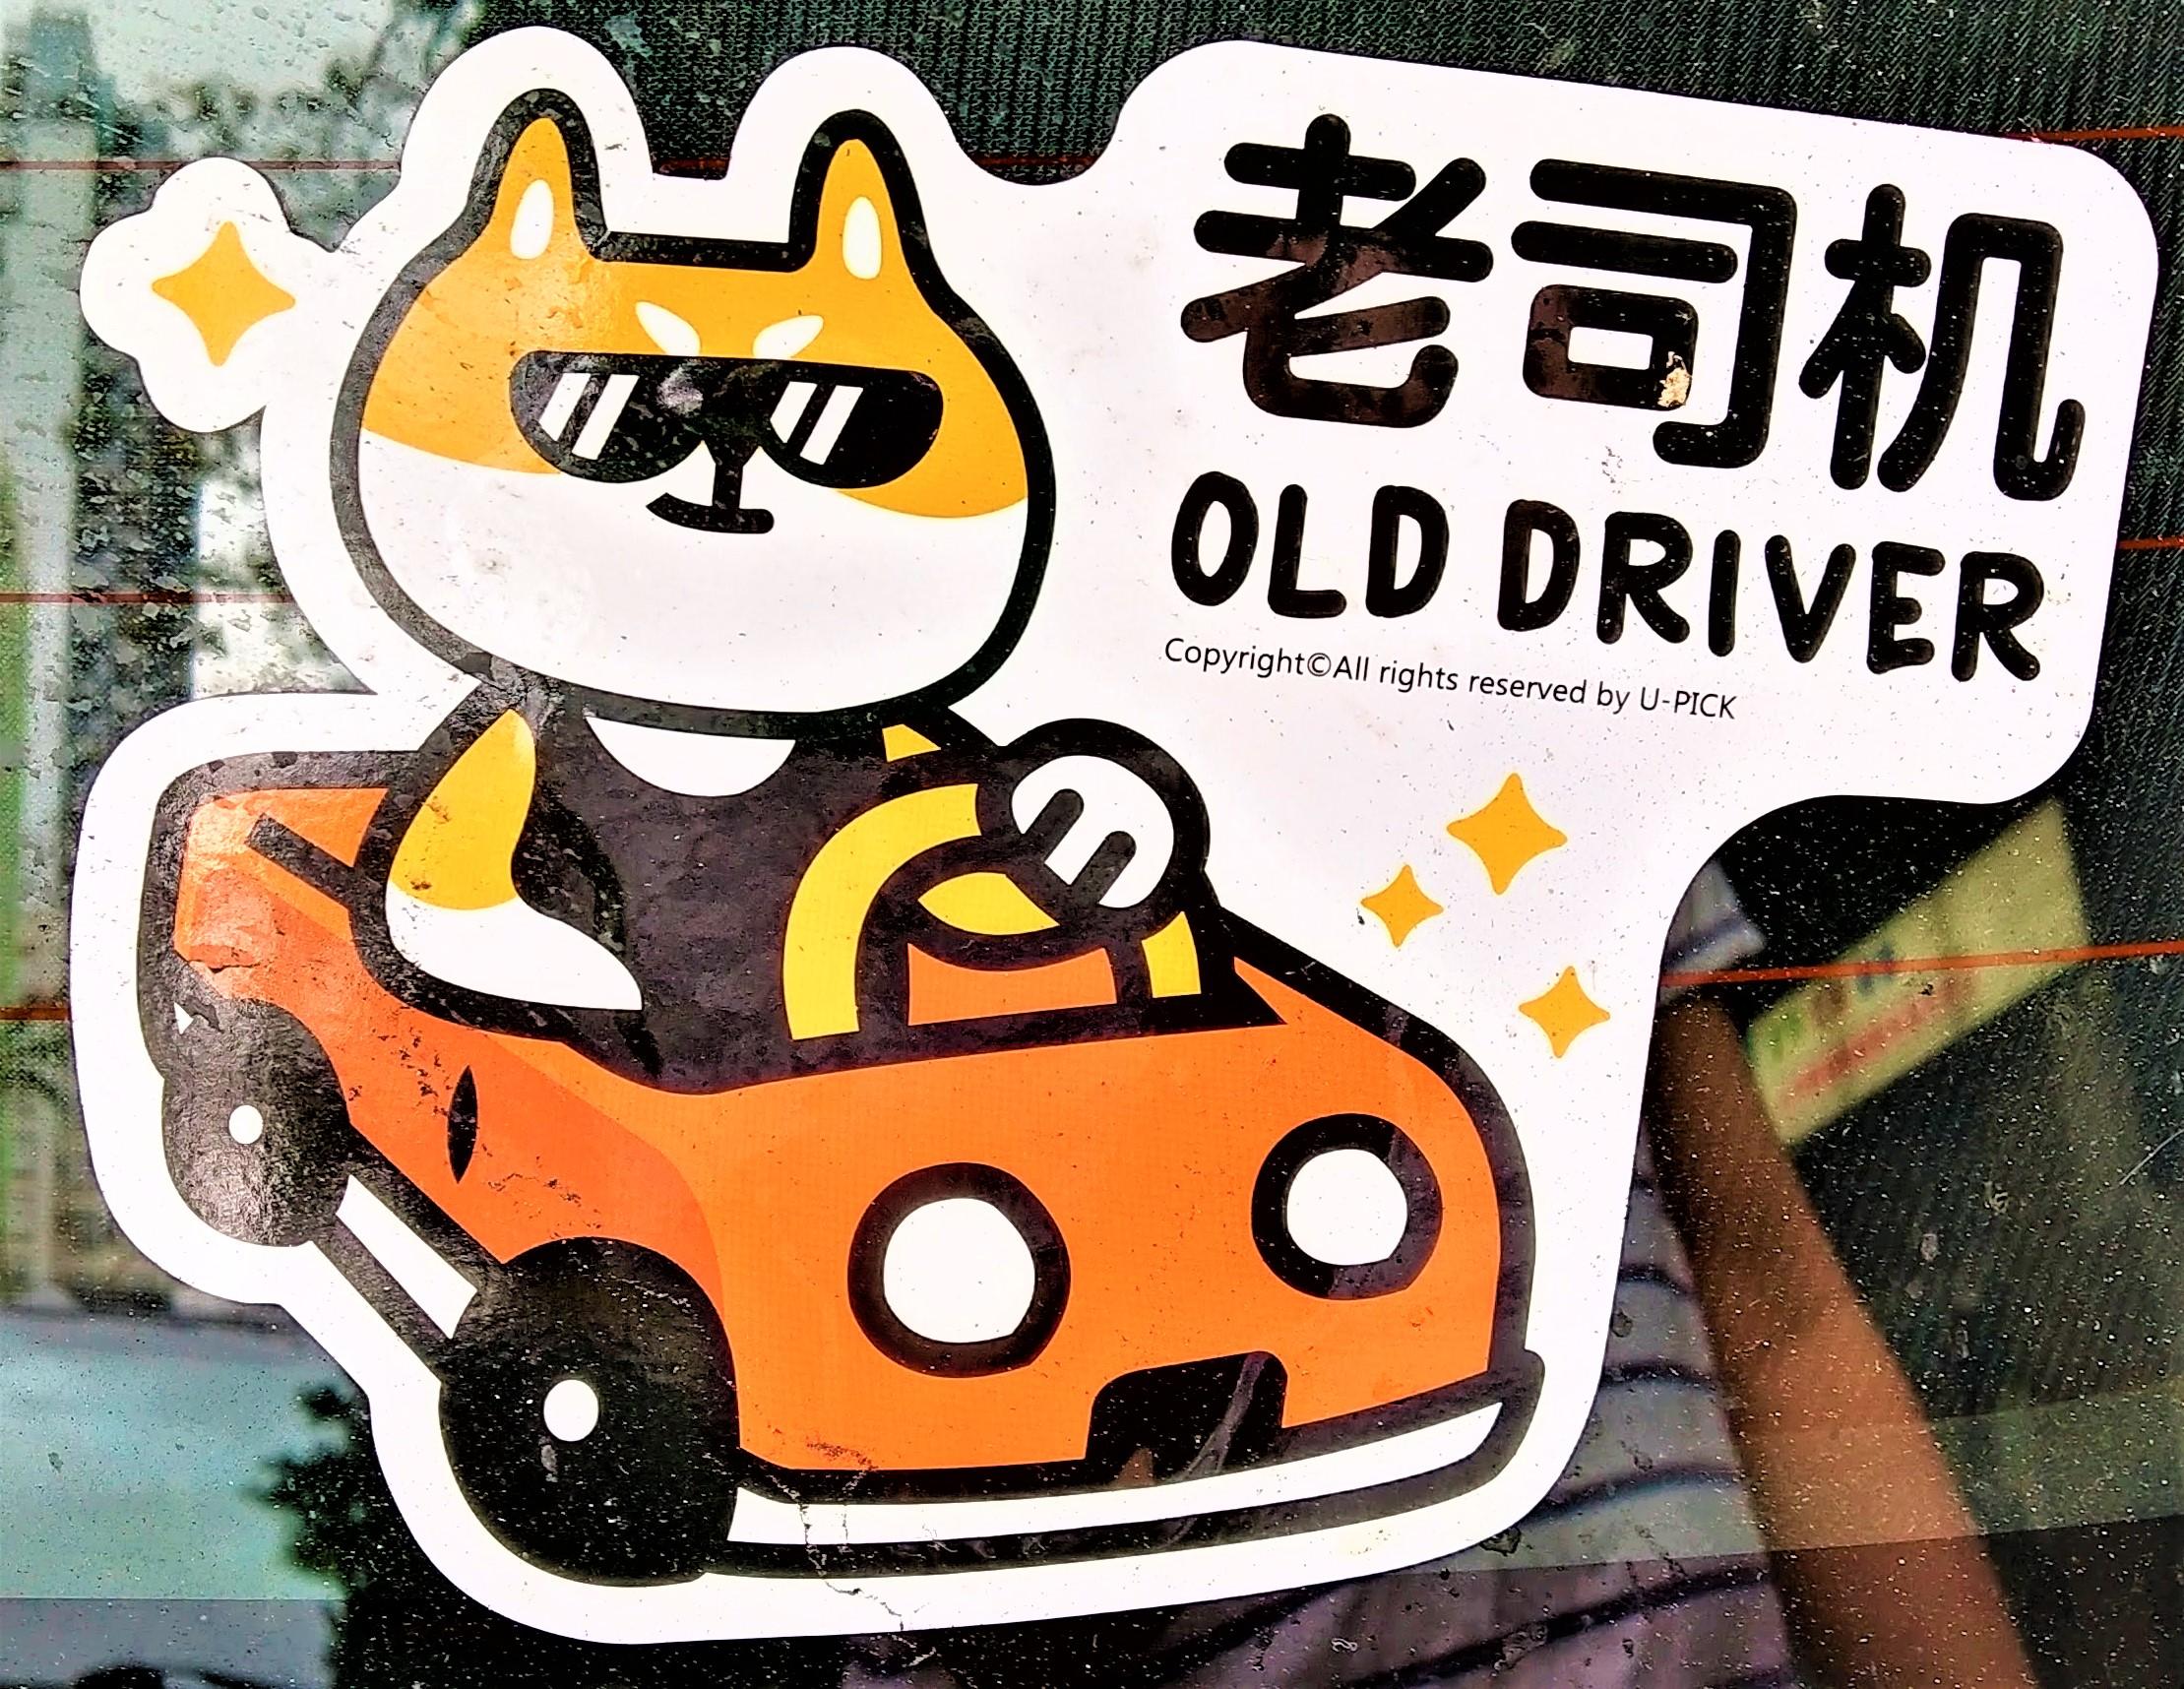 Cute cat as a driver